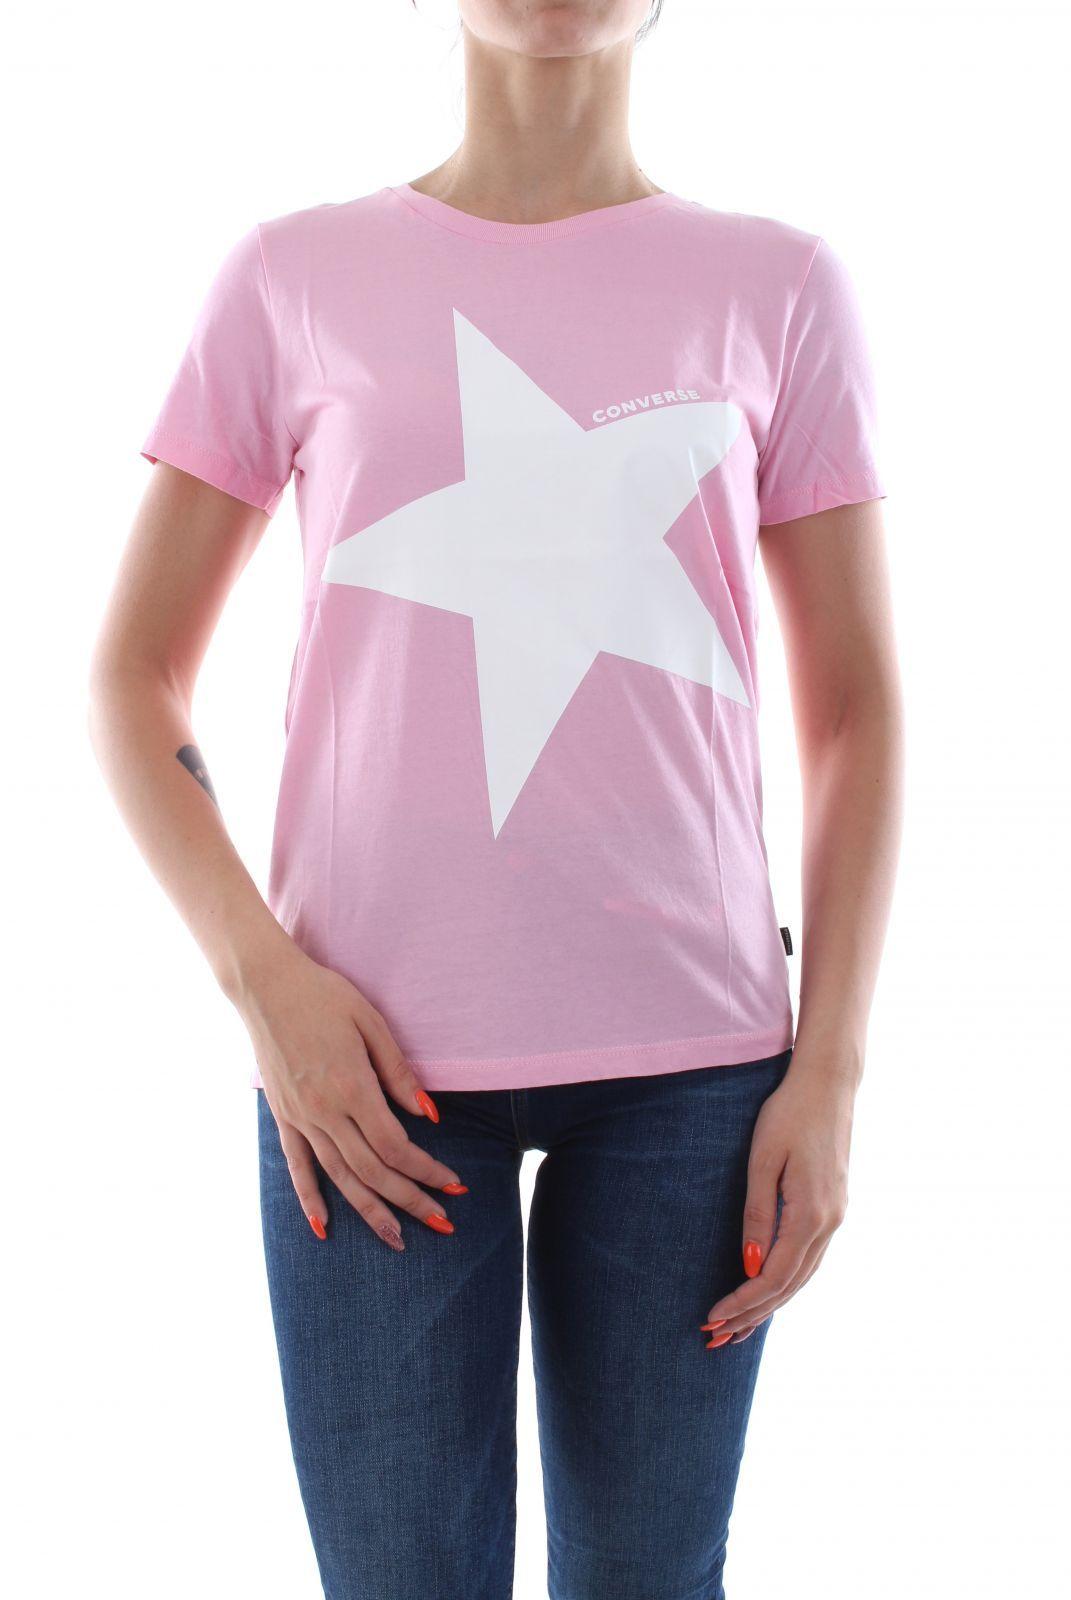 T SHIRT E CANOTTE Donna CONVERSE 10017504 CREW BIG STAR A06